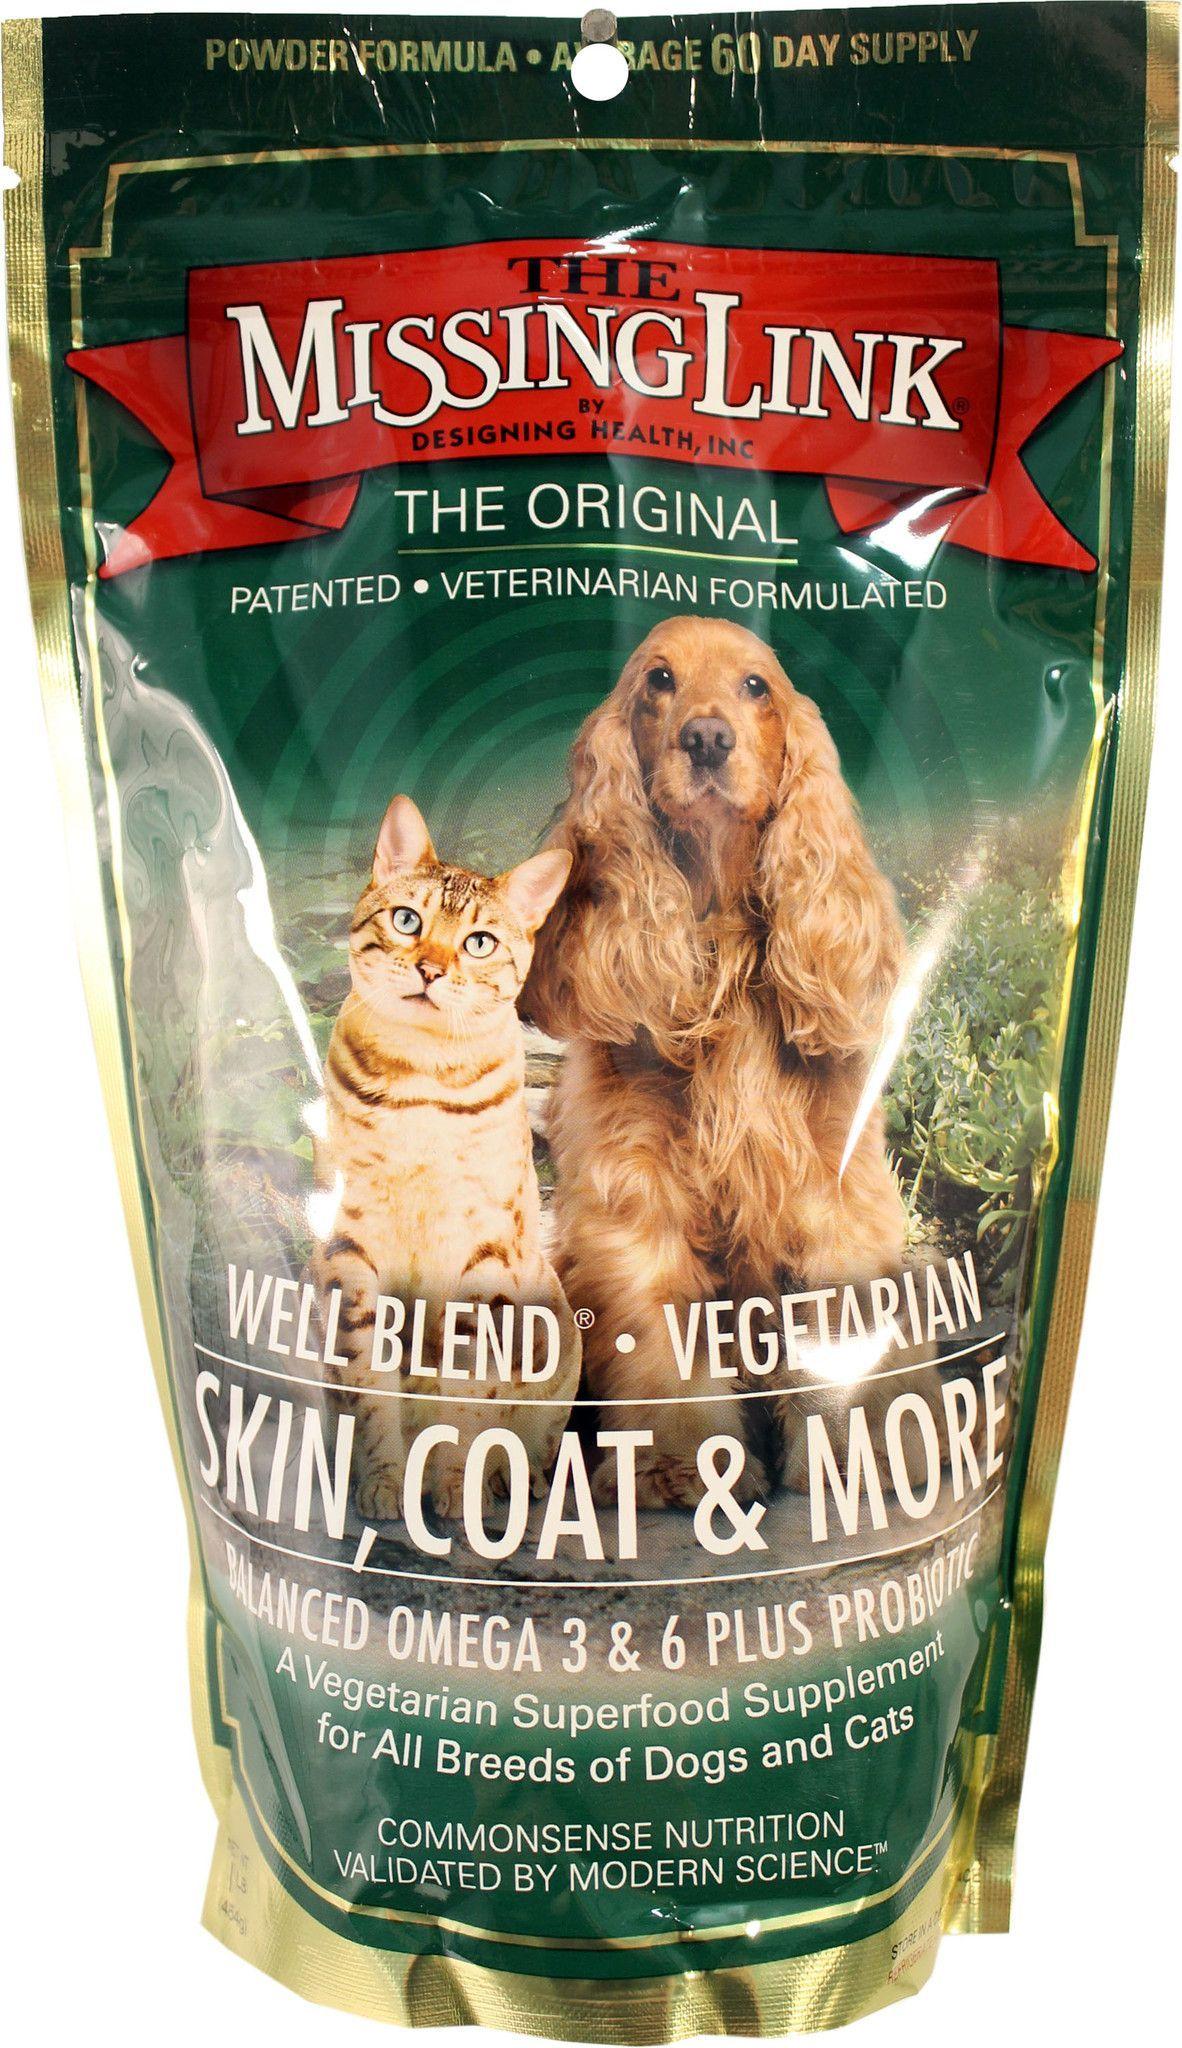 Missing Link Vegetarian Skin Coat For Dog Cat Vegetarian Skin Dog Nutrition Dog Cat